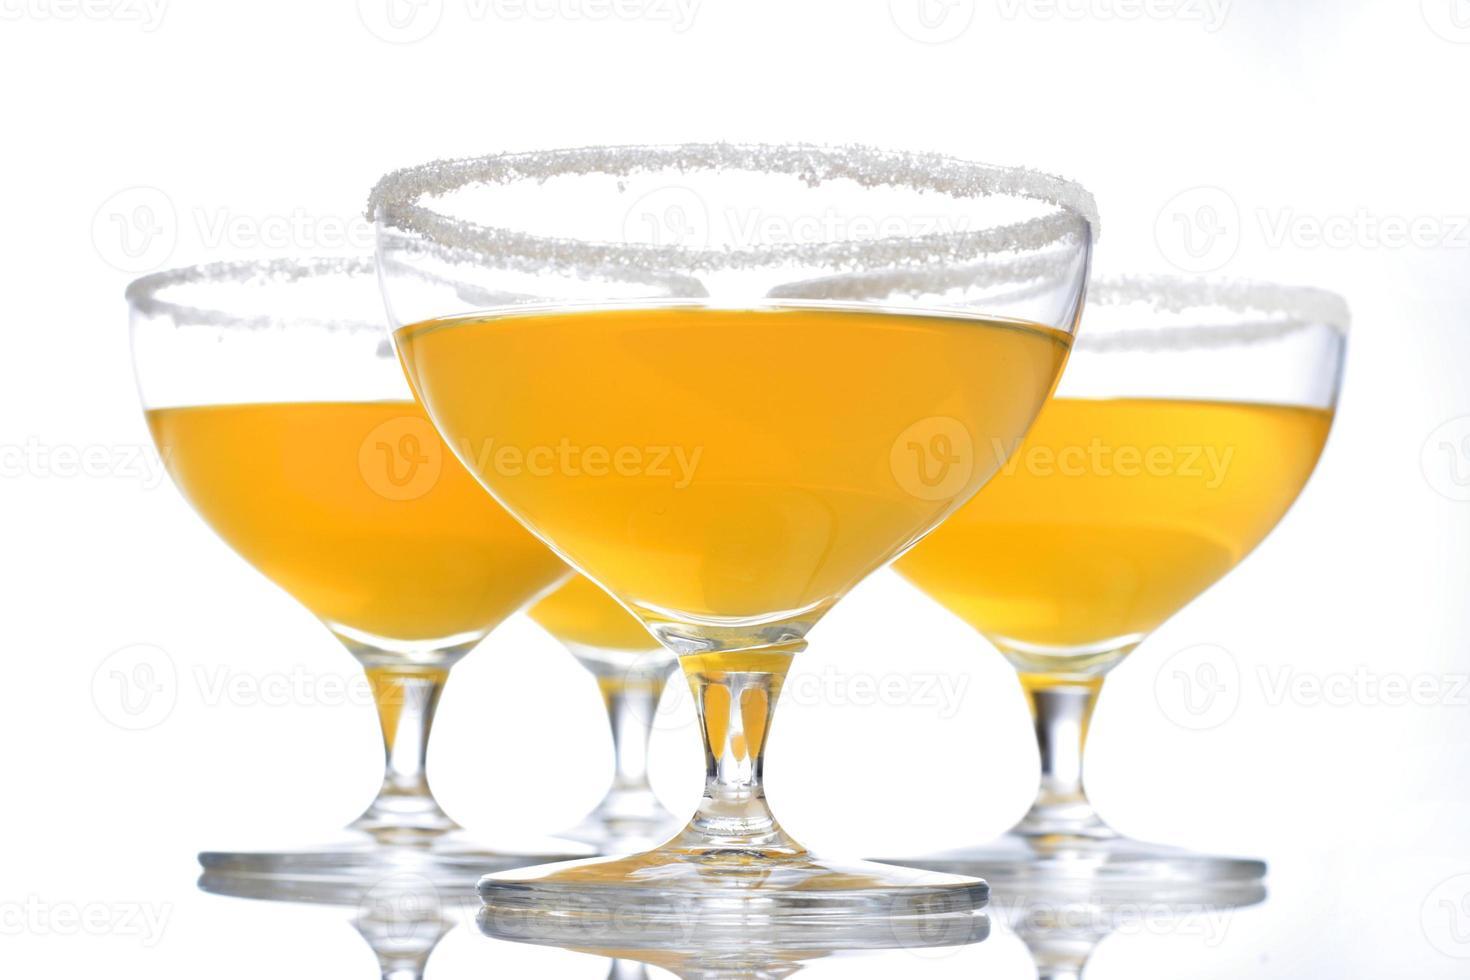 foto de estúdio de margarita bebida